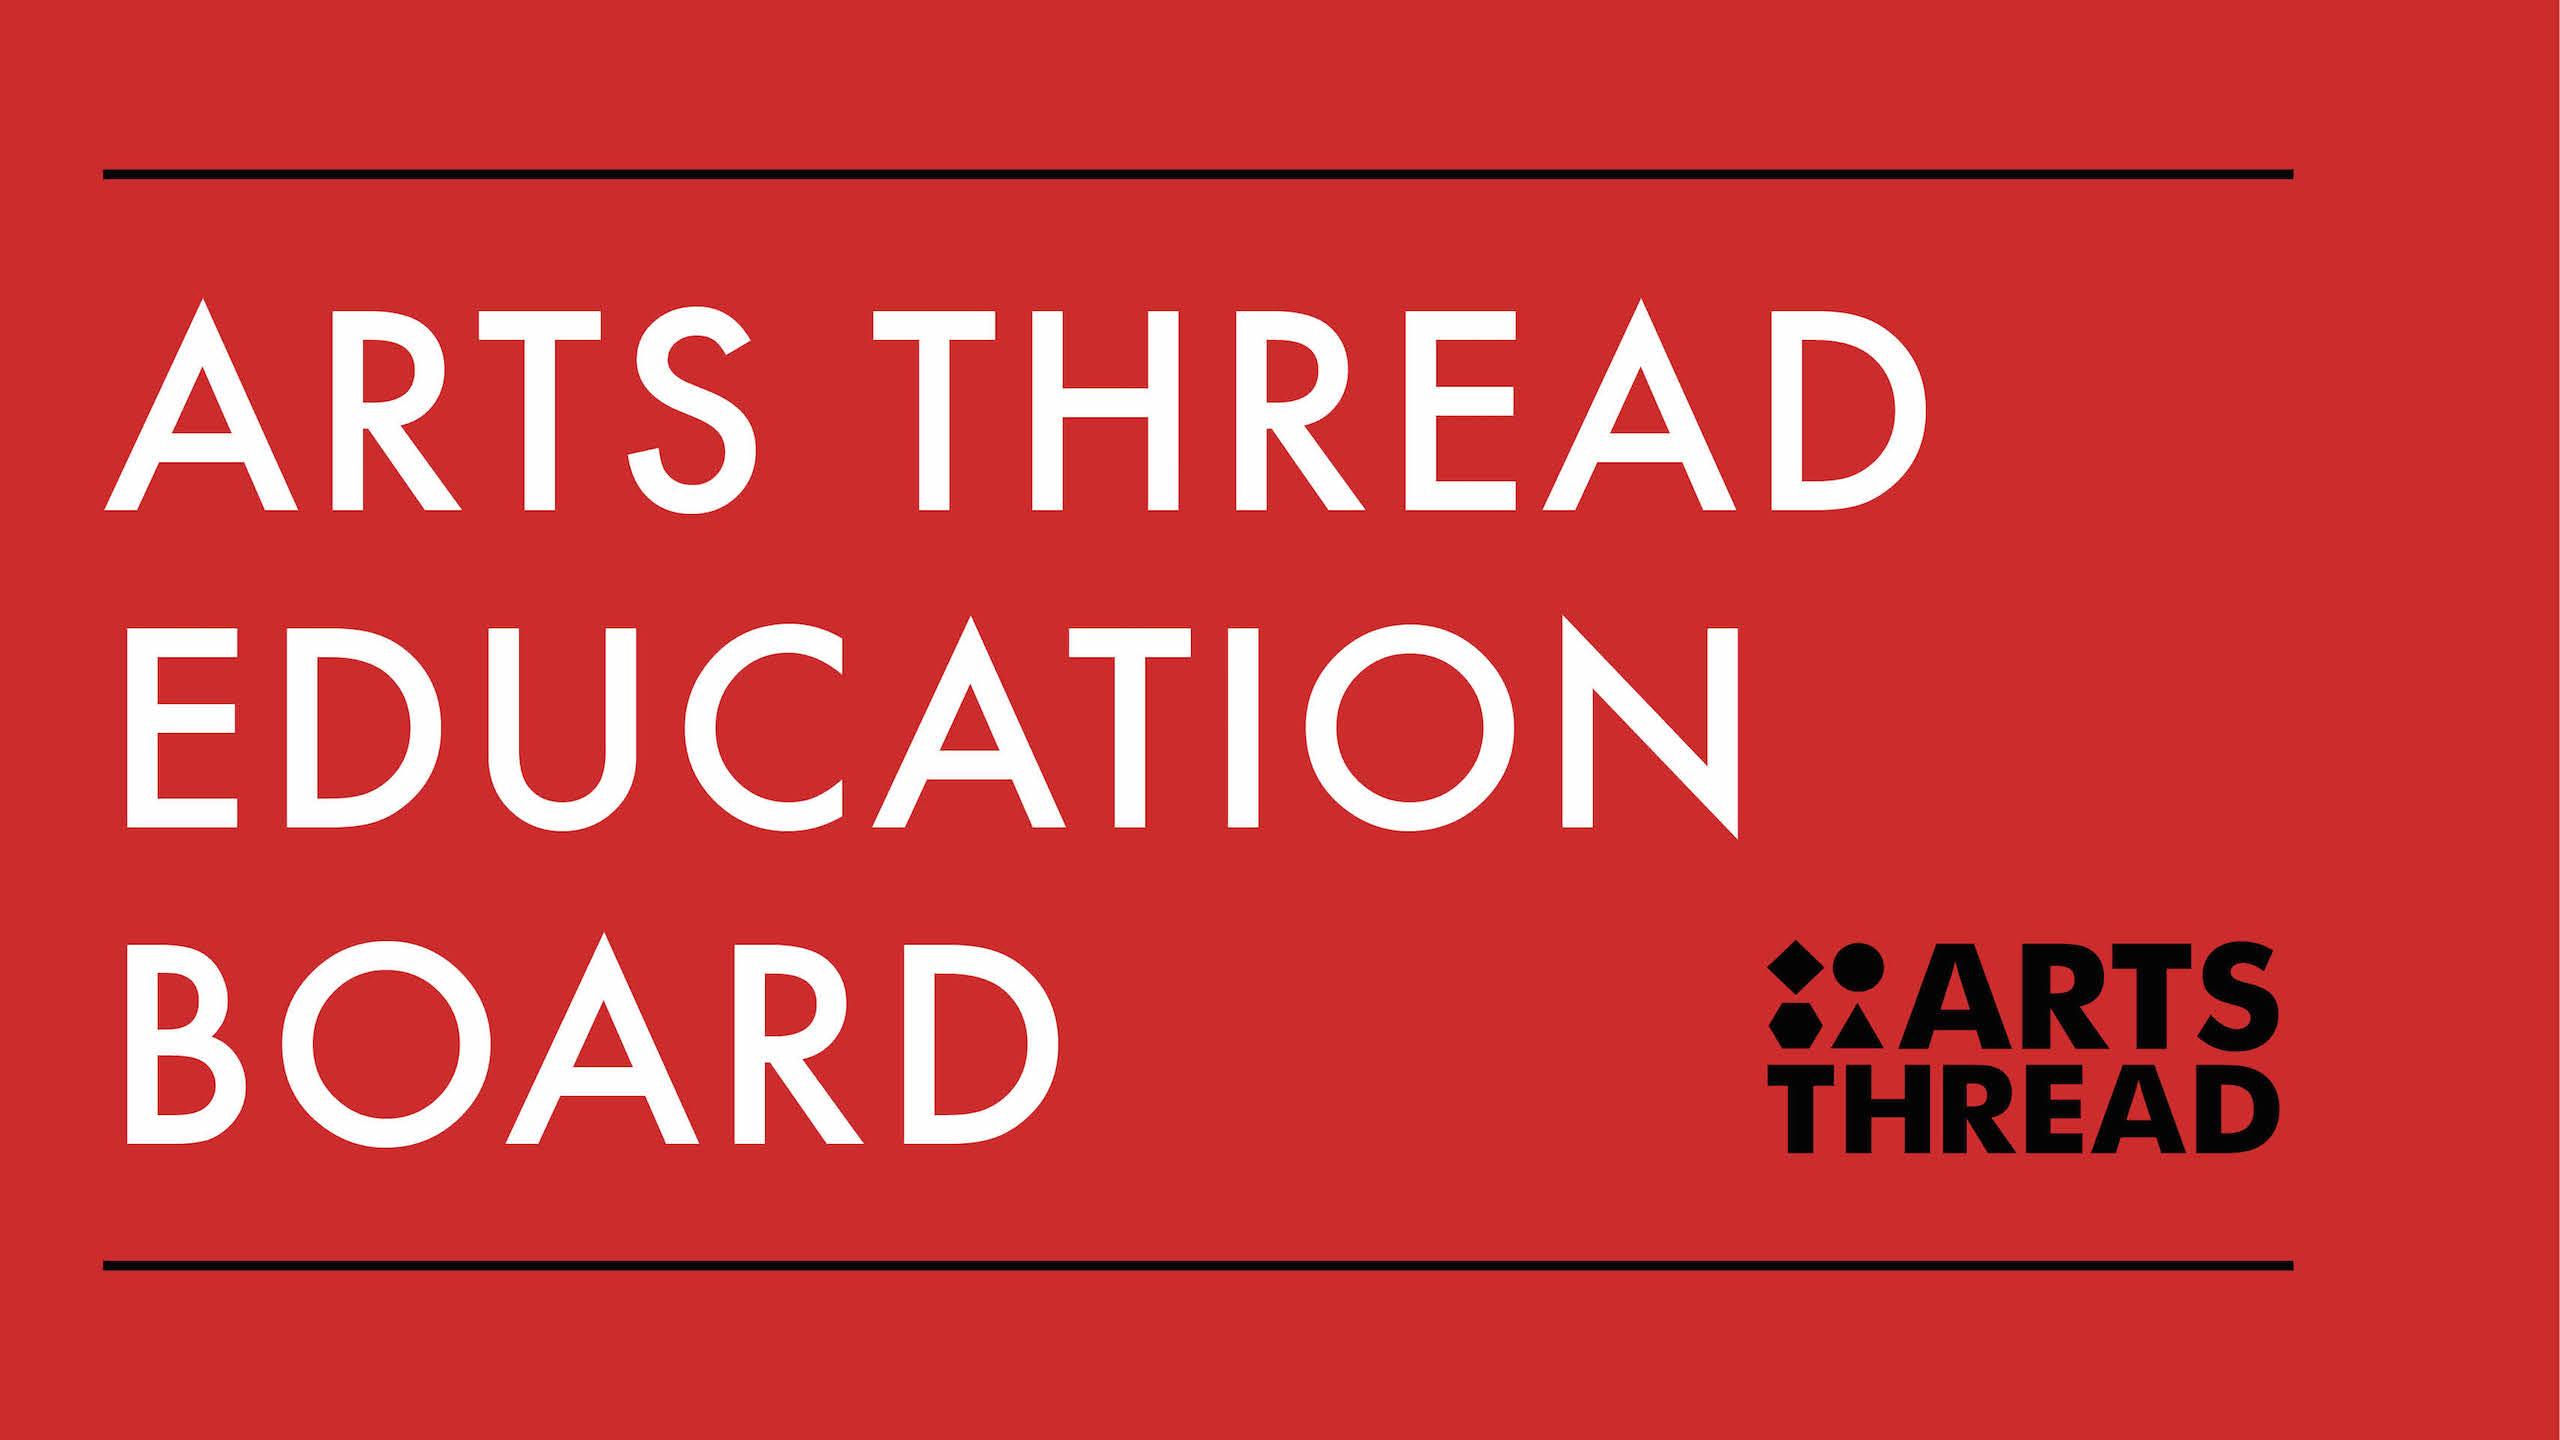 EDUCATION-BOARD